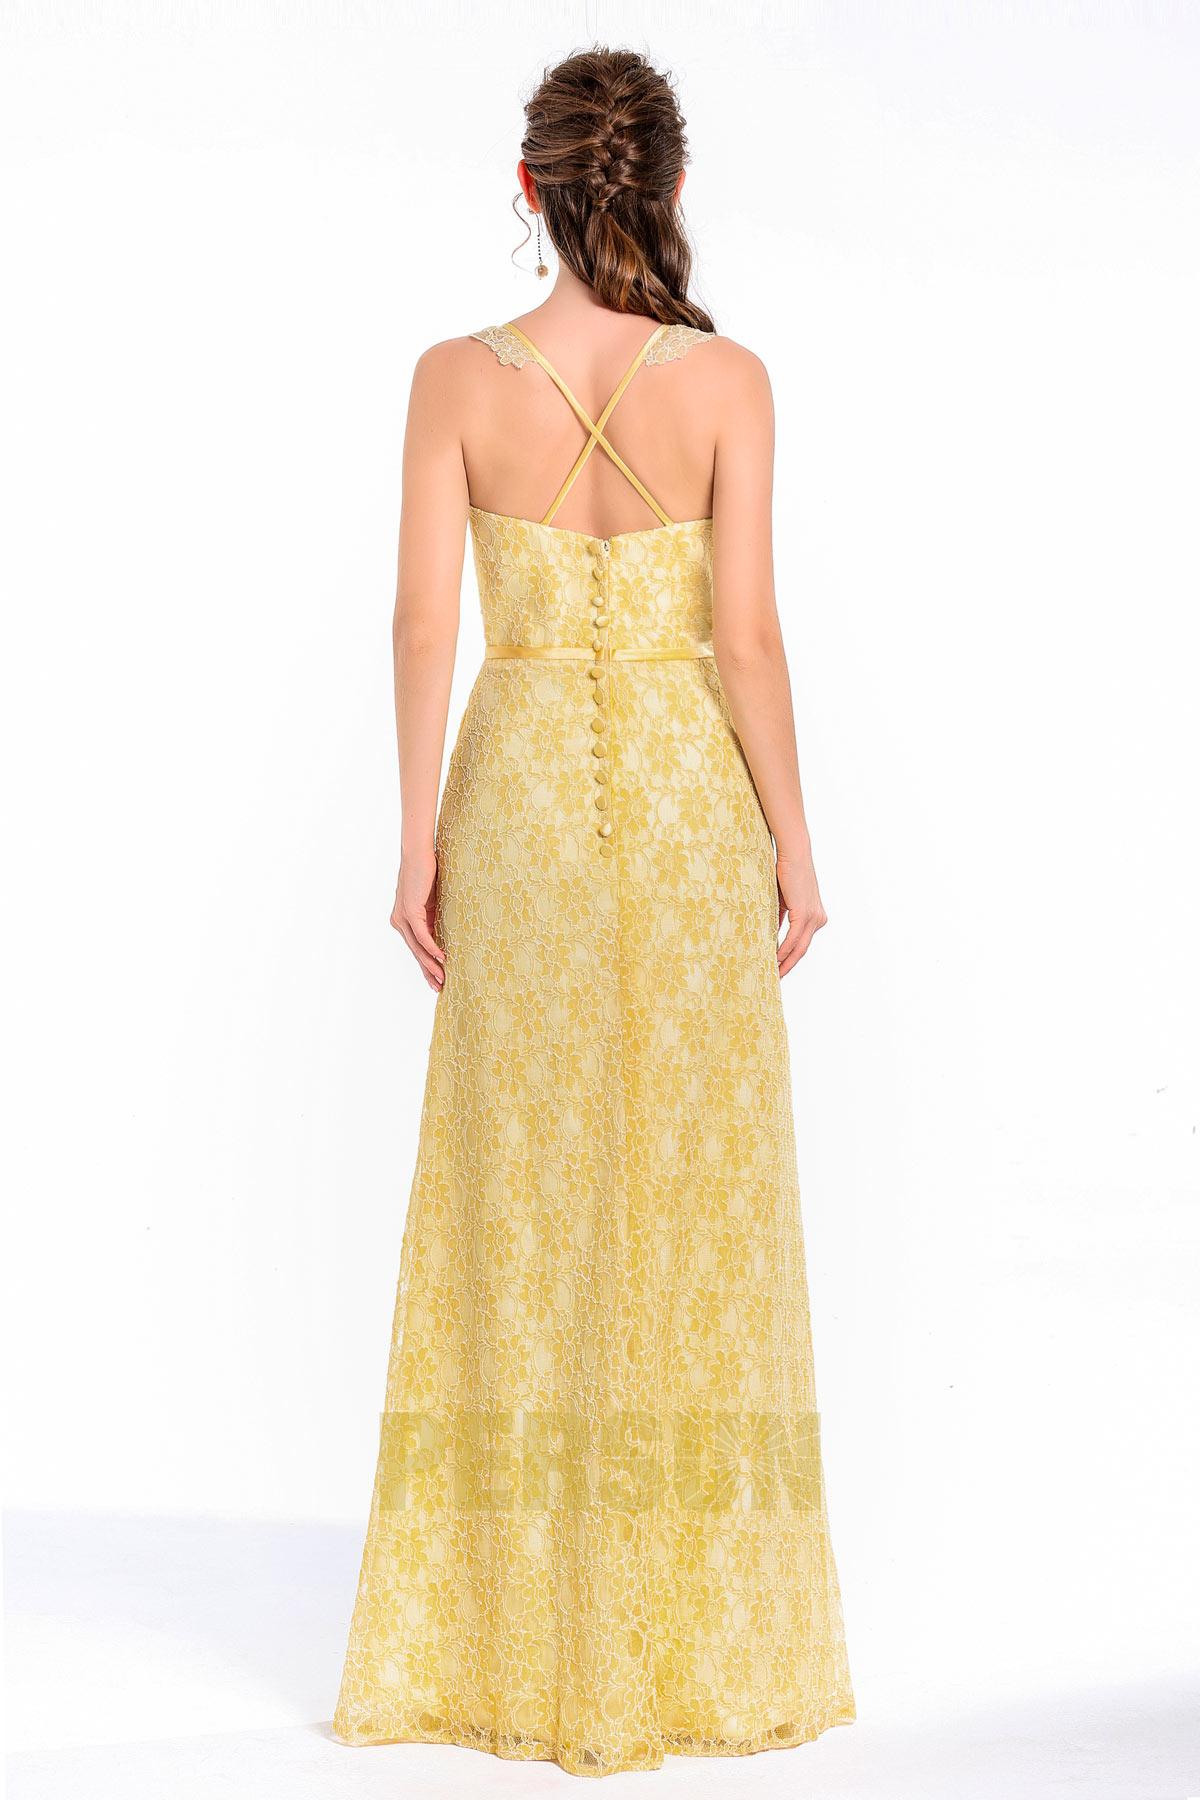 Femme robe jaune encoulre carrée aux bretelles fines en dentelle pour cérémonie